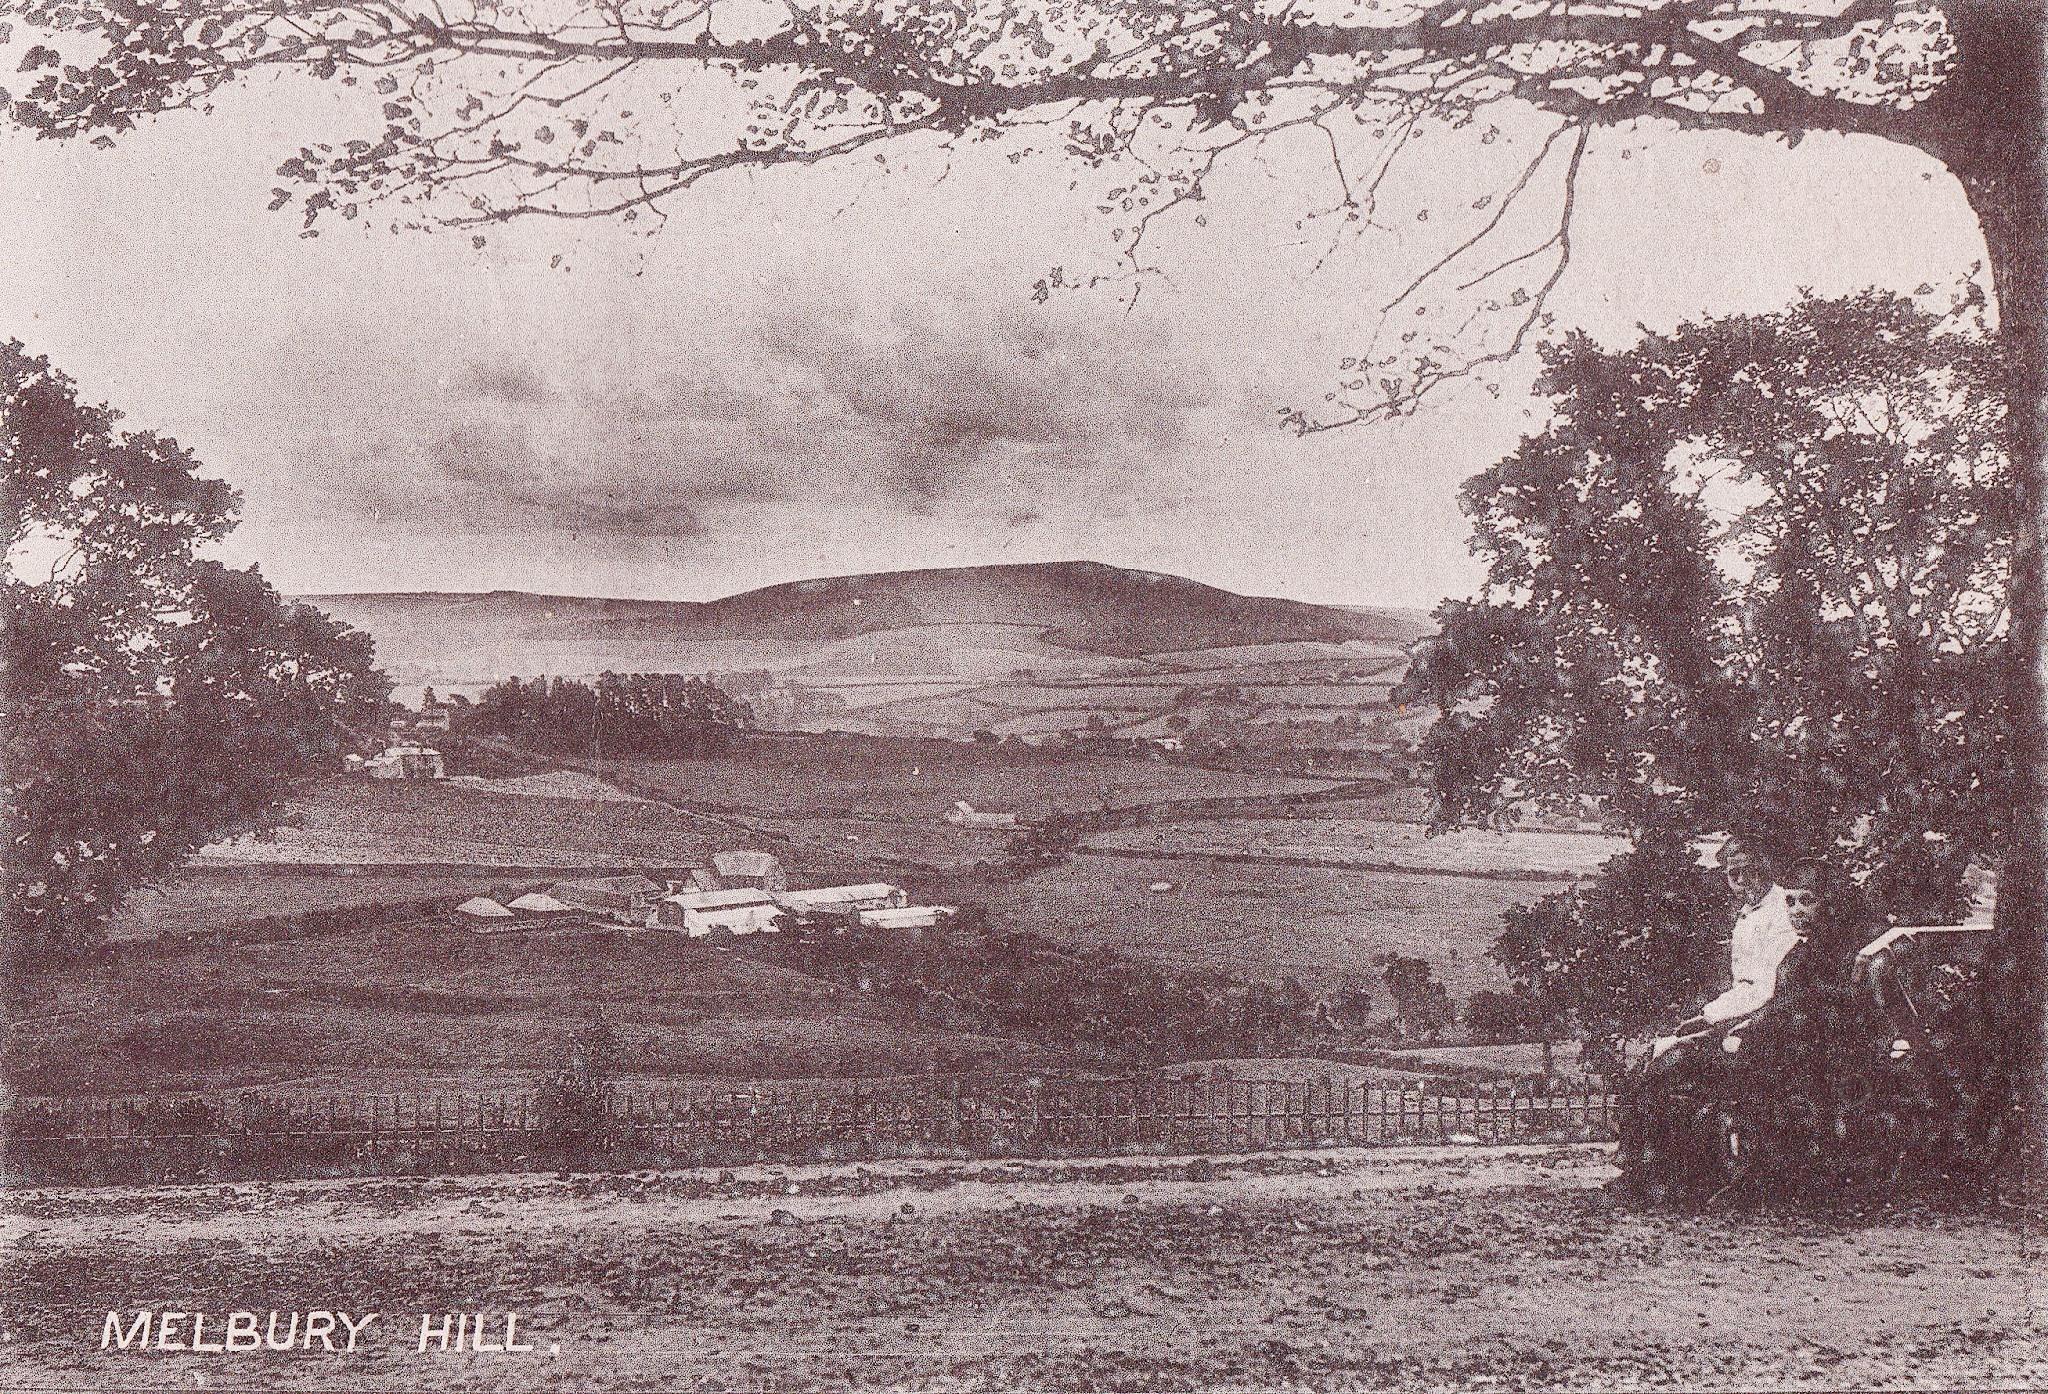 Малбери-Хилл